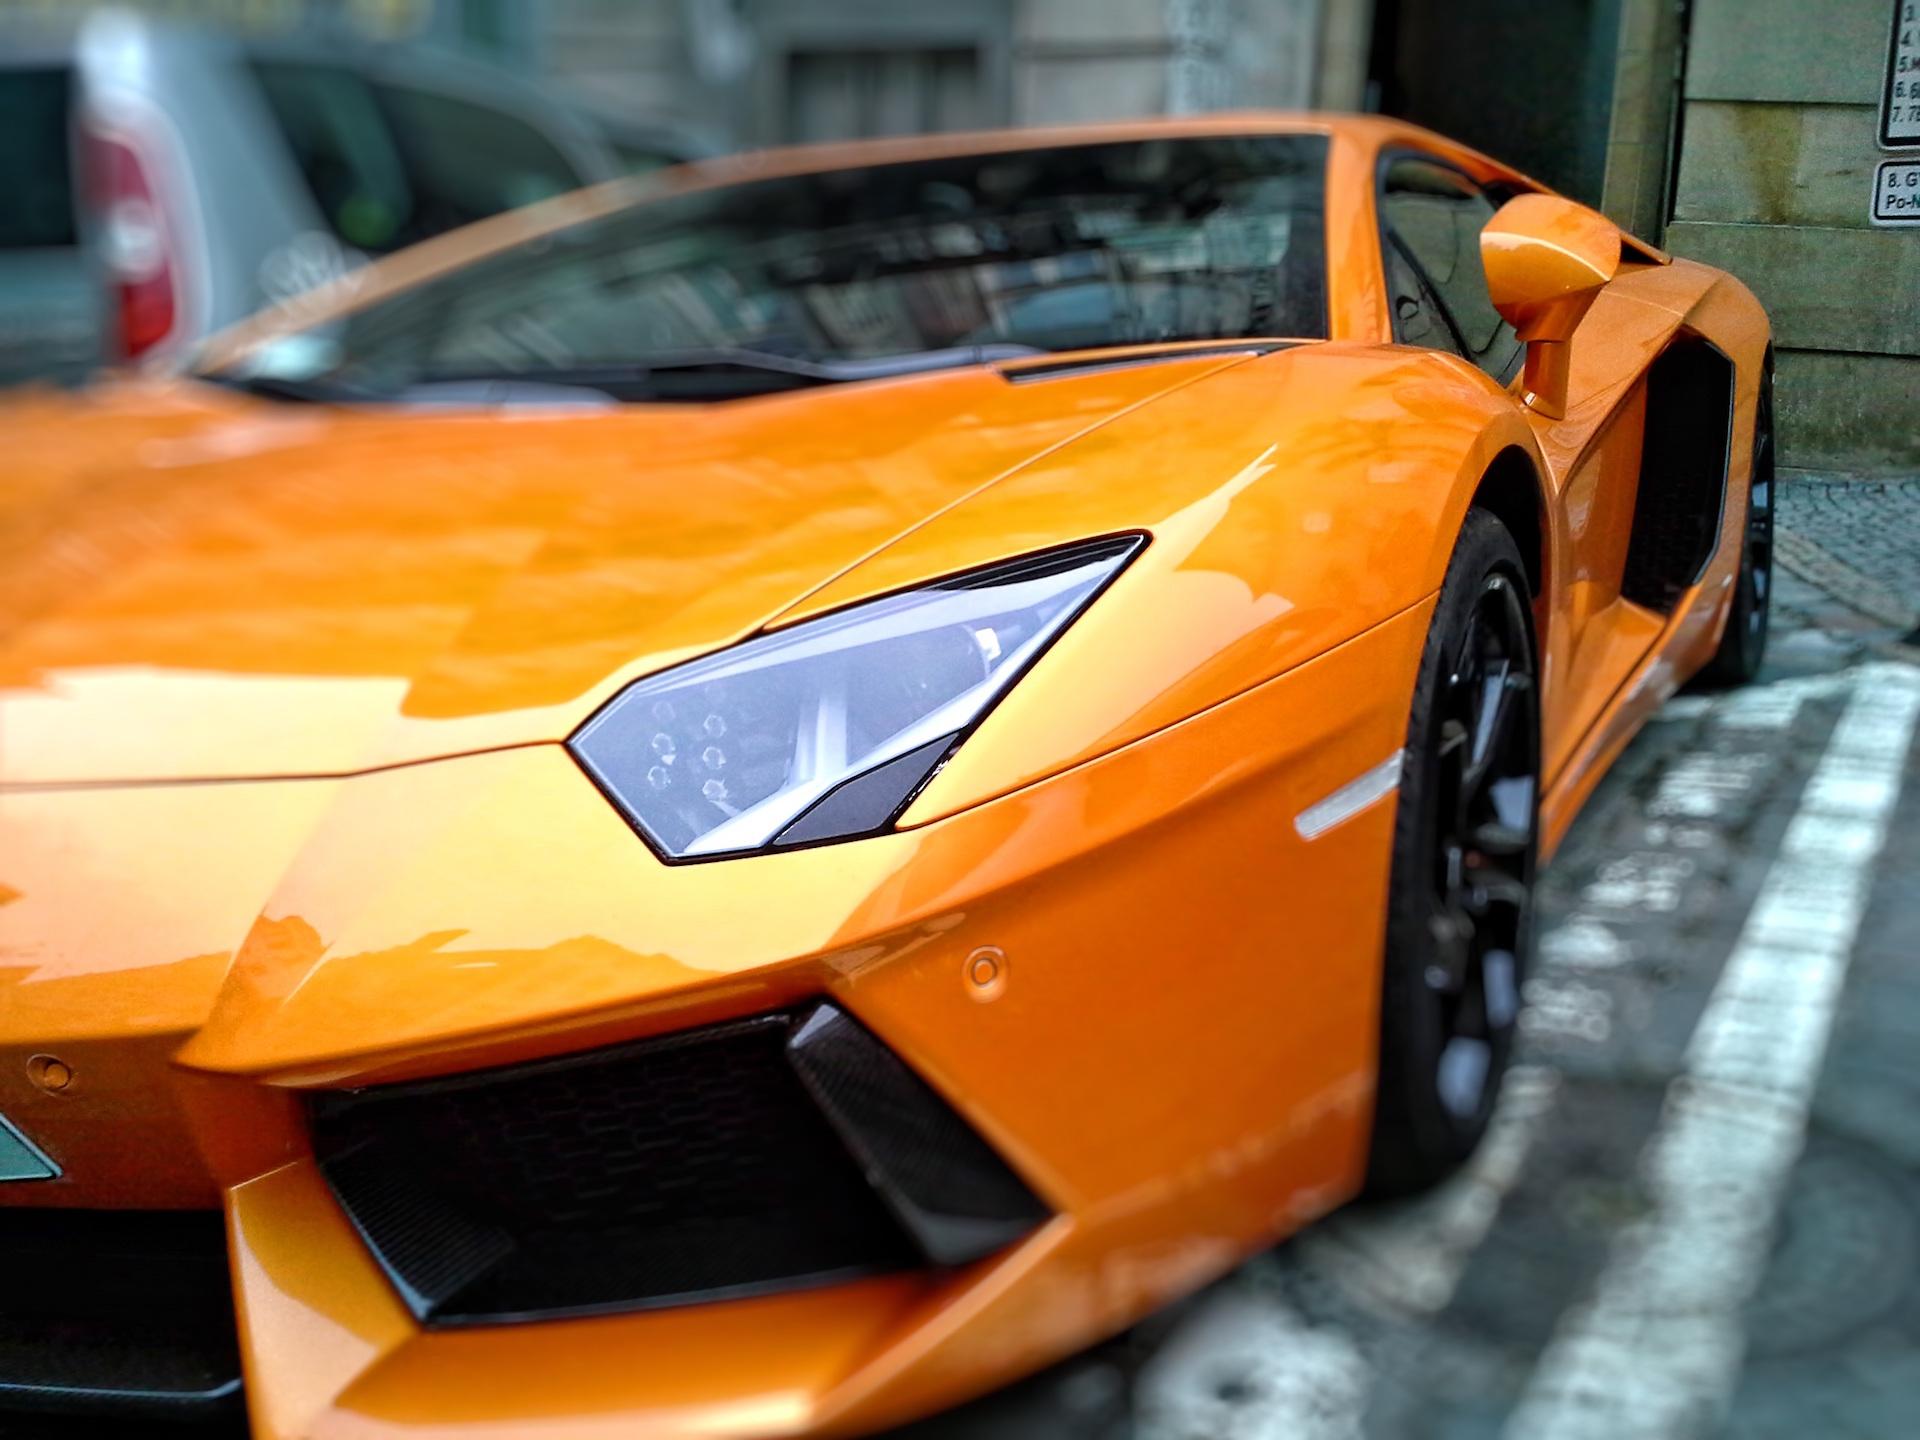 автомобиль, Lamborghini, роскошь, виды спорта, Оранжевый - Обои HD - Профессор falken.com